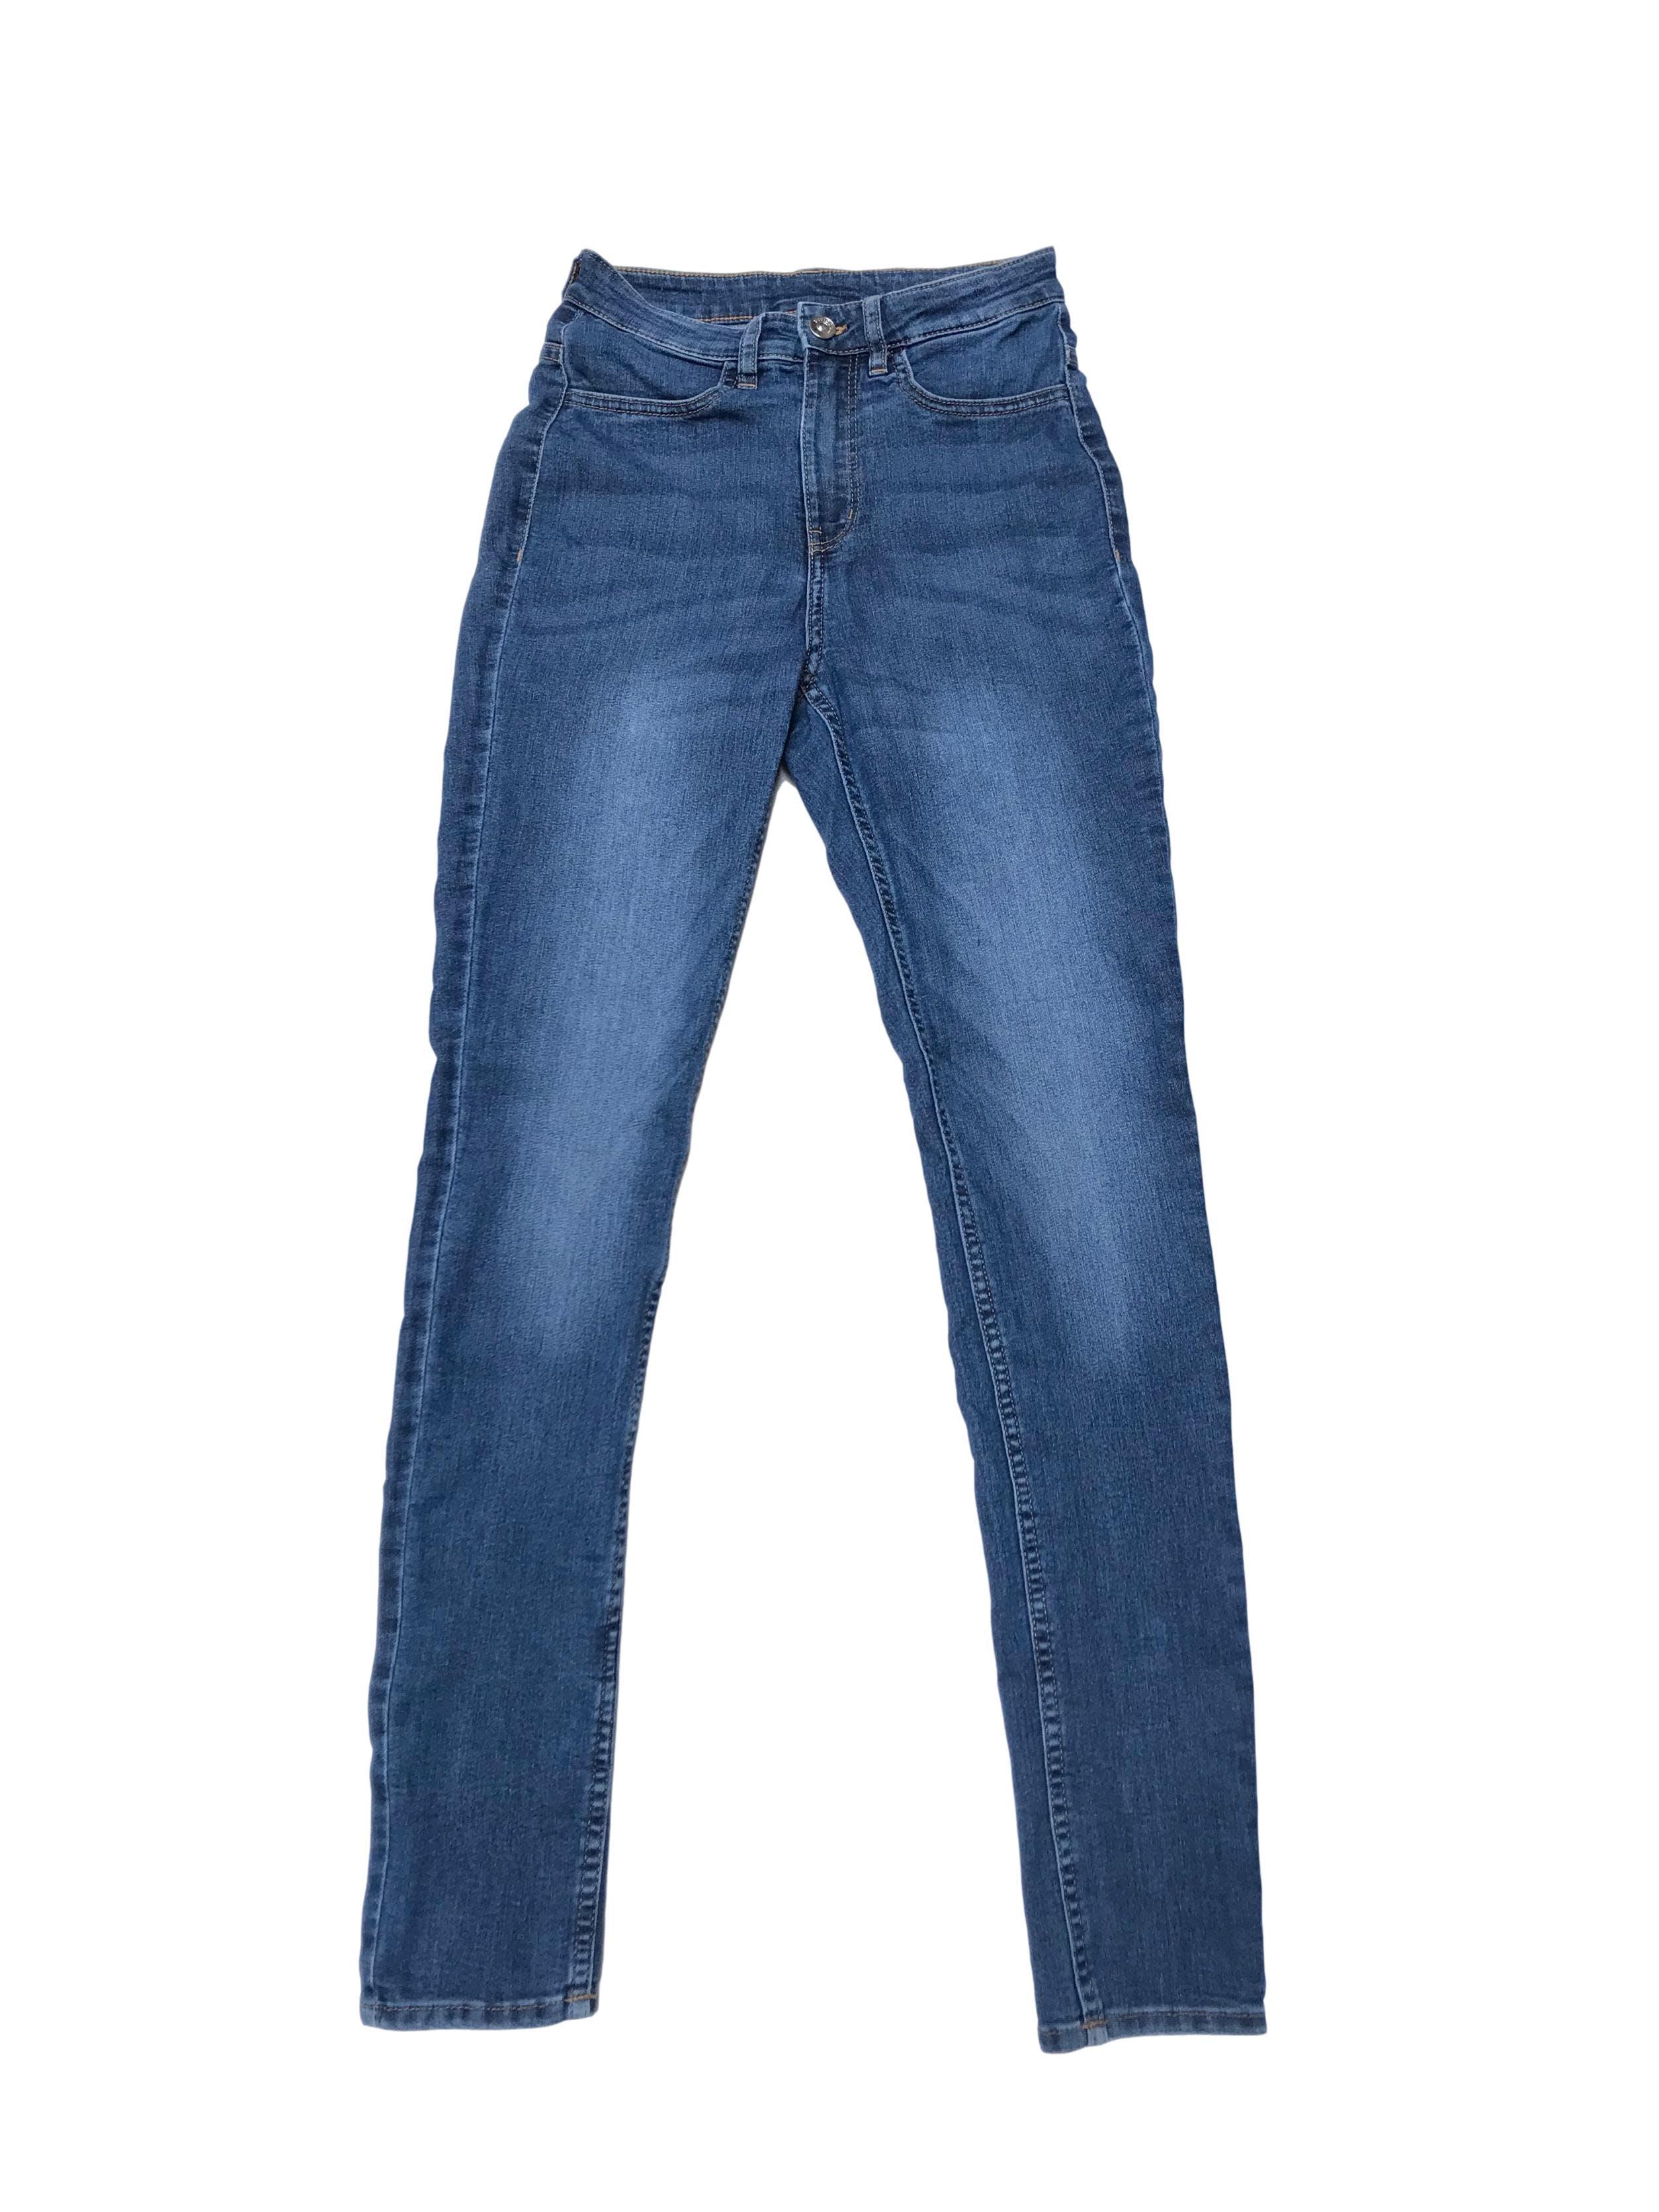 Jegging H&M a la cintura, de jean 80% algodón stretch con cierre y botón delantero, y bolsillos atrás. Cintura 63cm sin estirar